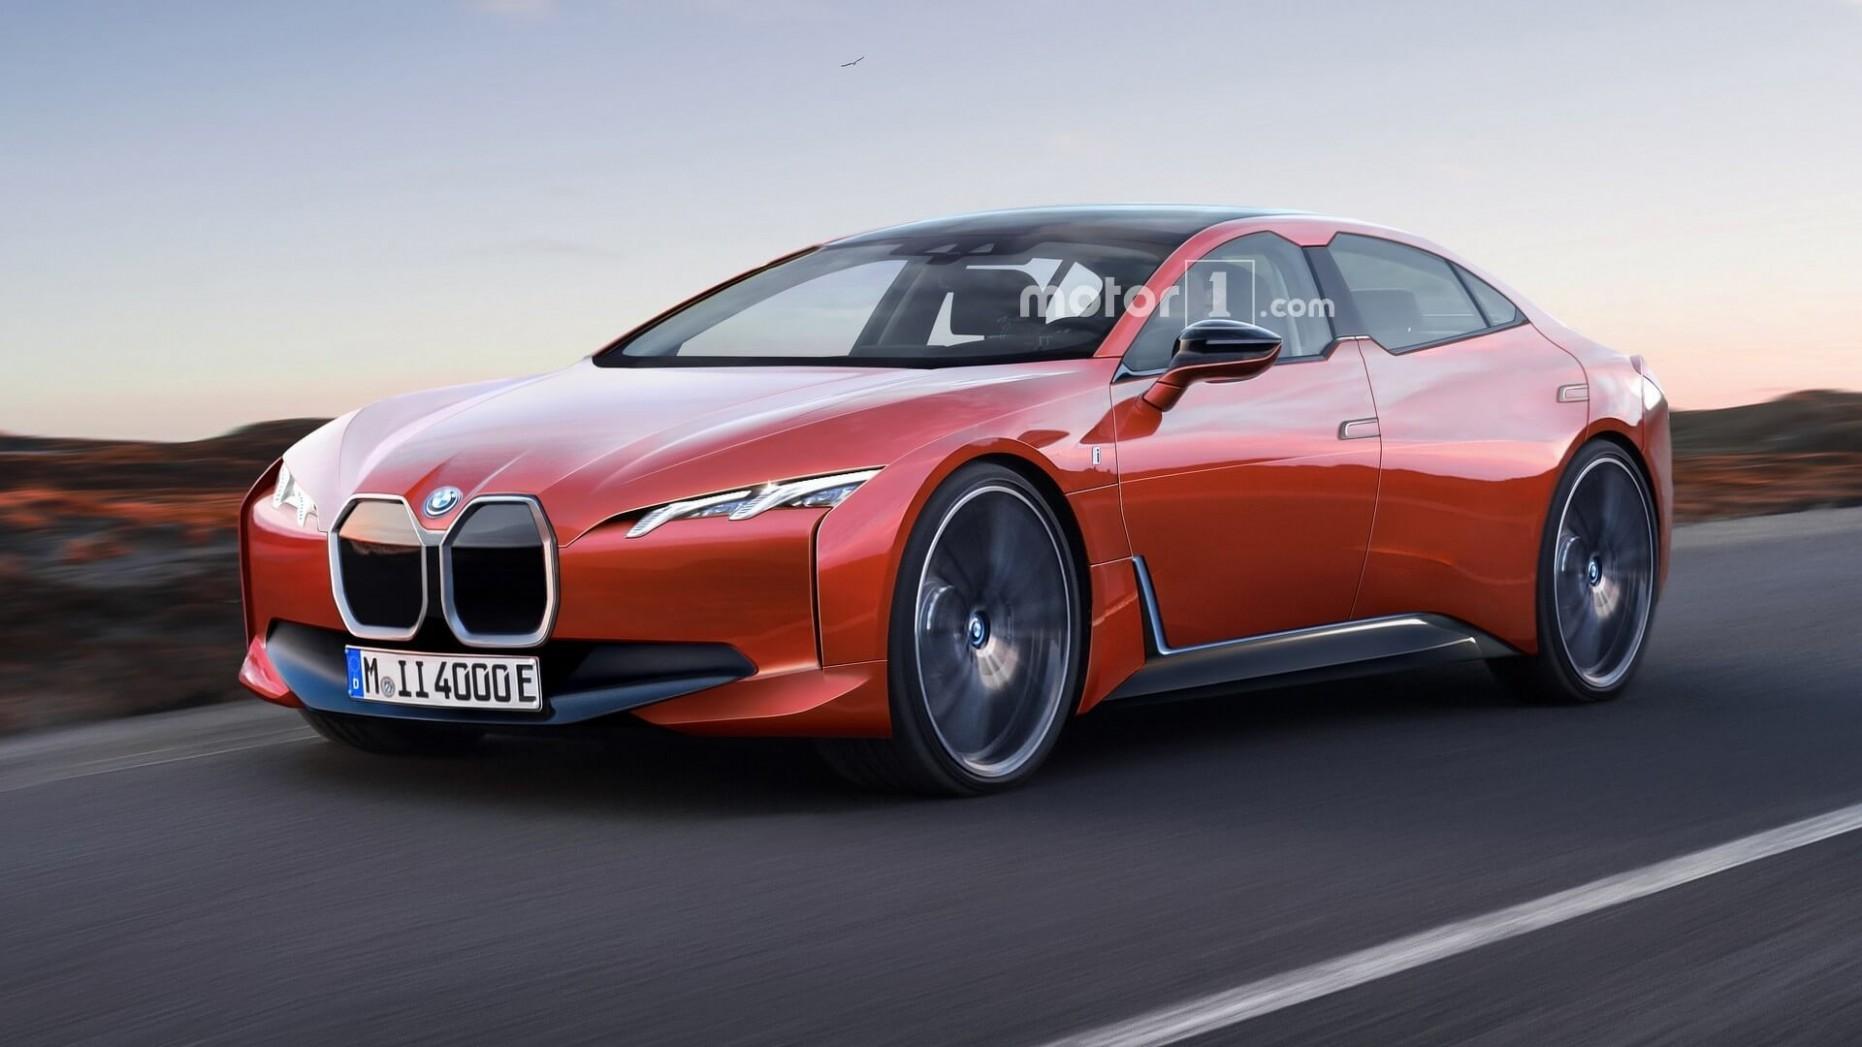 BMW i3 EV Arriving In 3 To Rival Tesla Electric Sedans